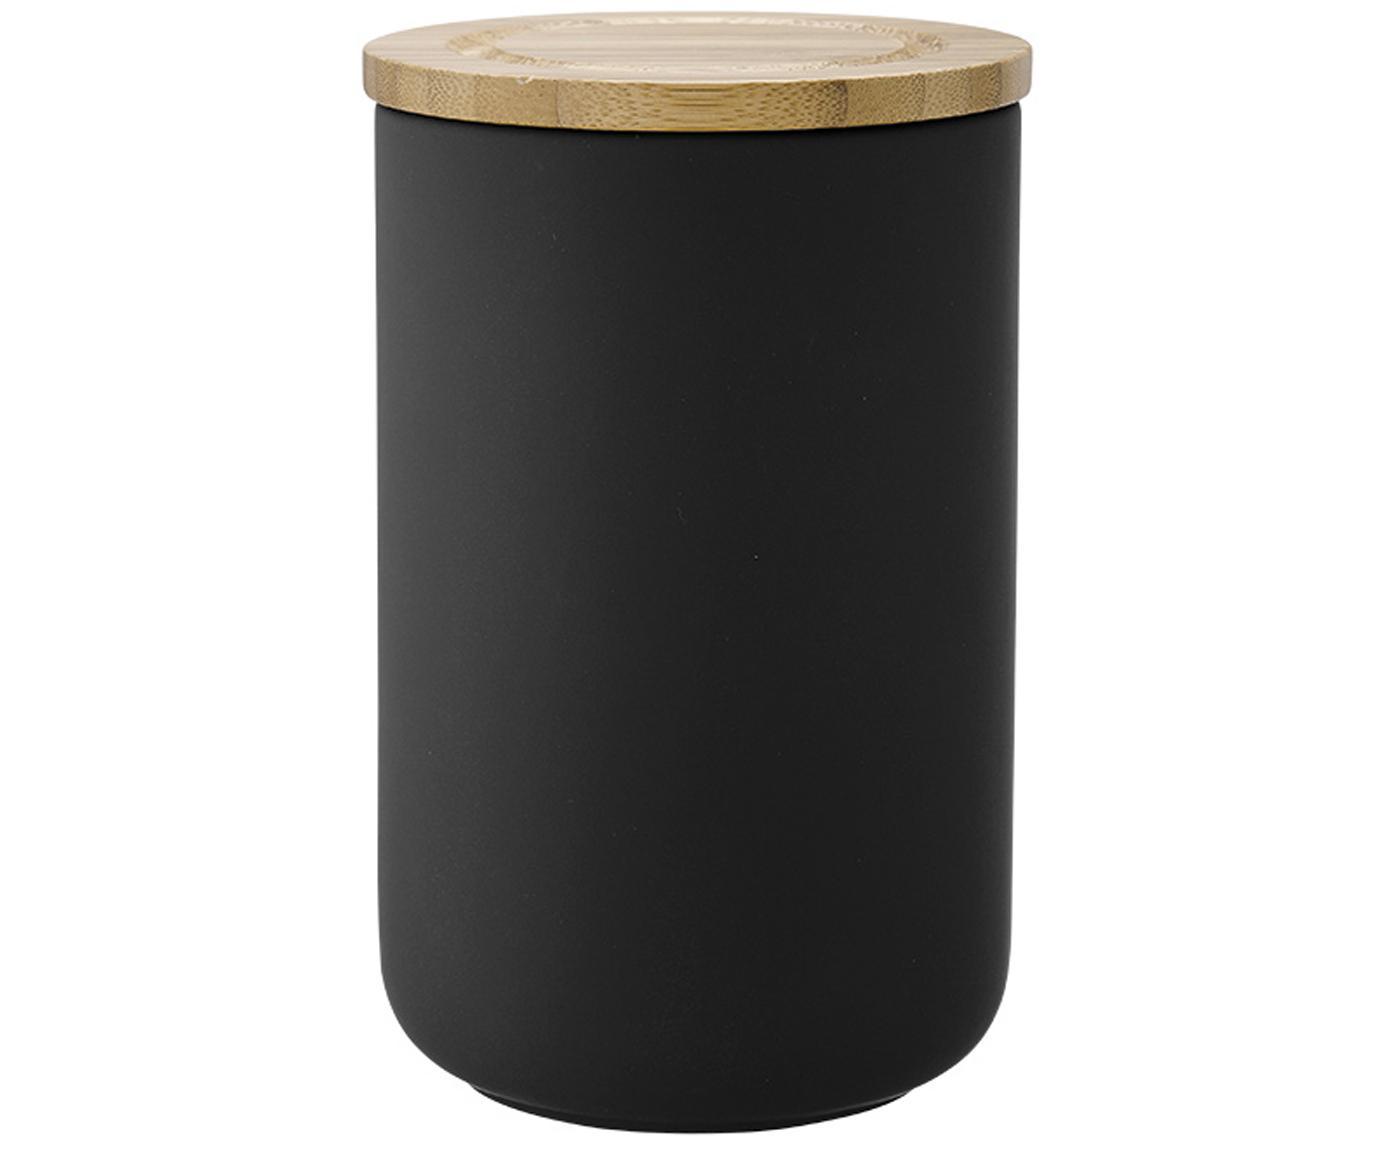 Contenitore Stak, Contenitore: ceramica, Coperchio: legno di bambù, Nero, legno di bambù, Ø 10 x Alt. 17 cm